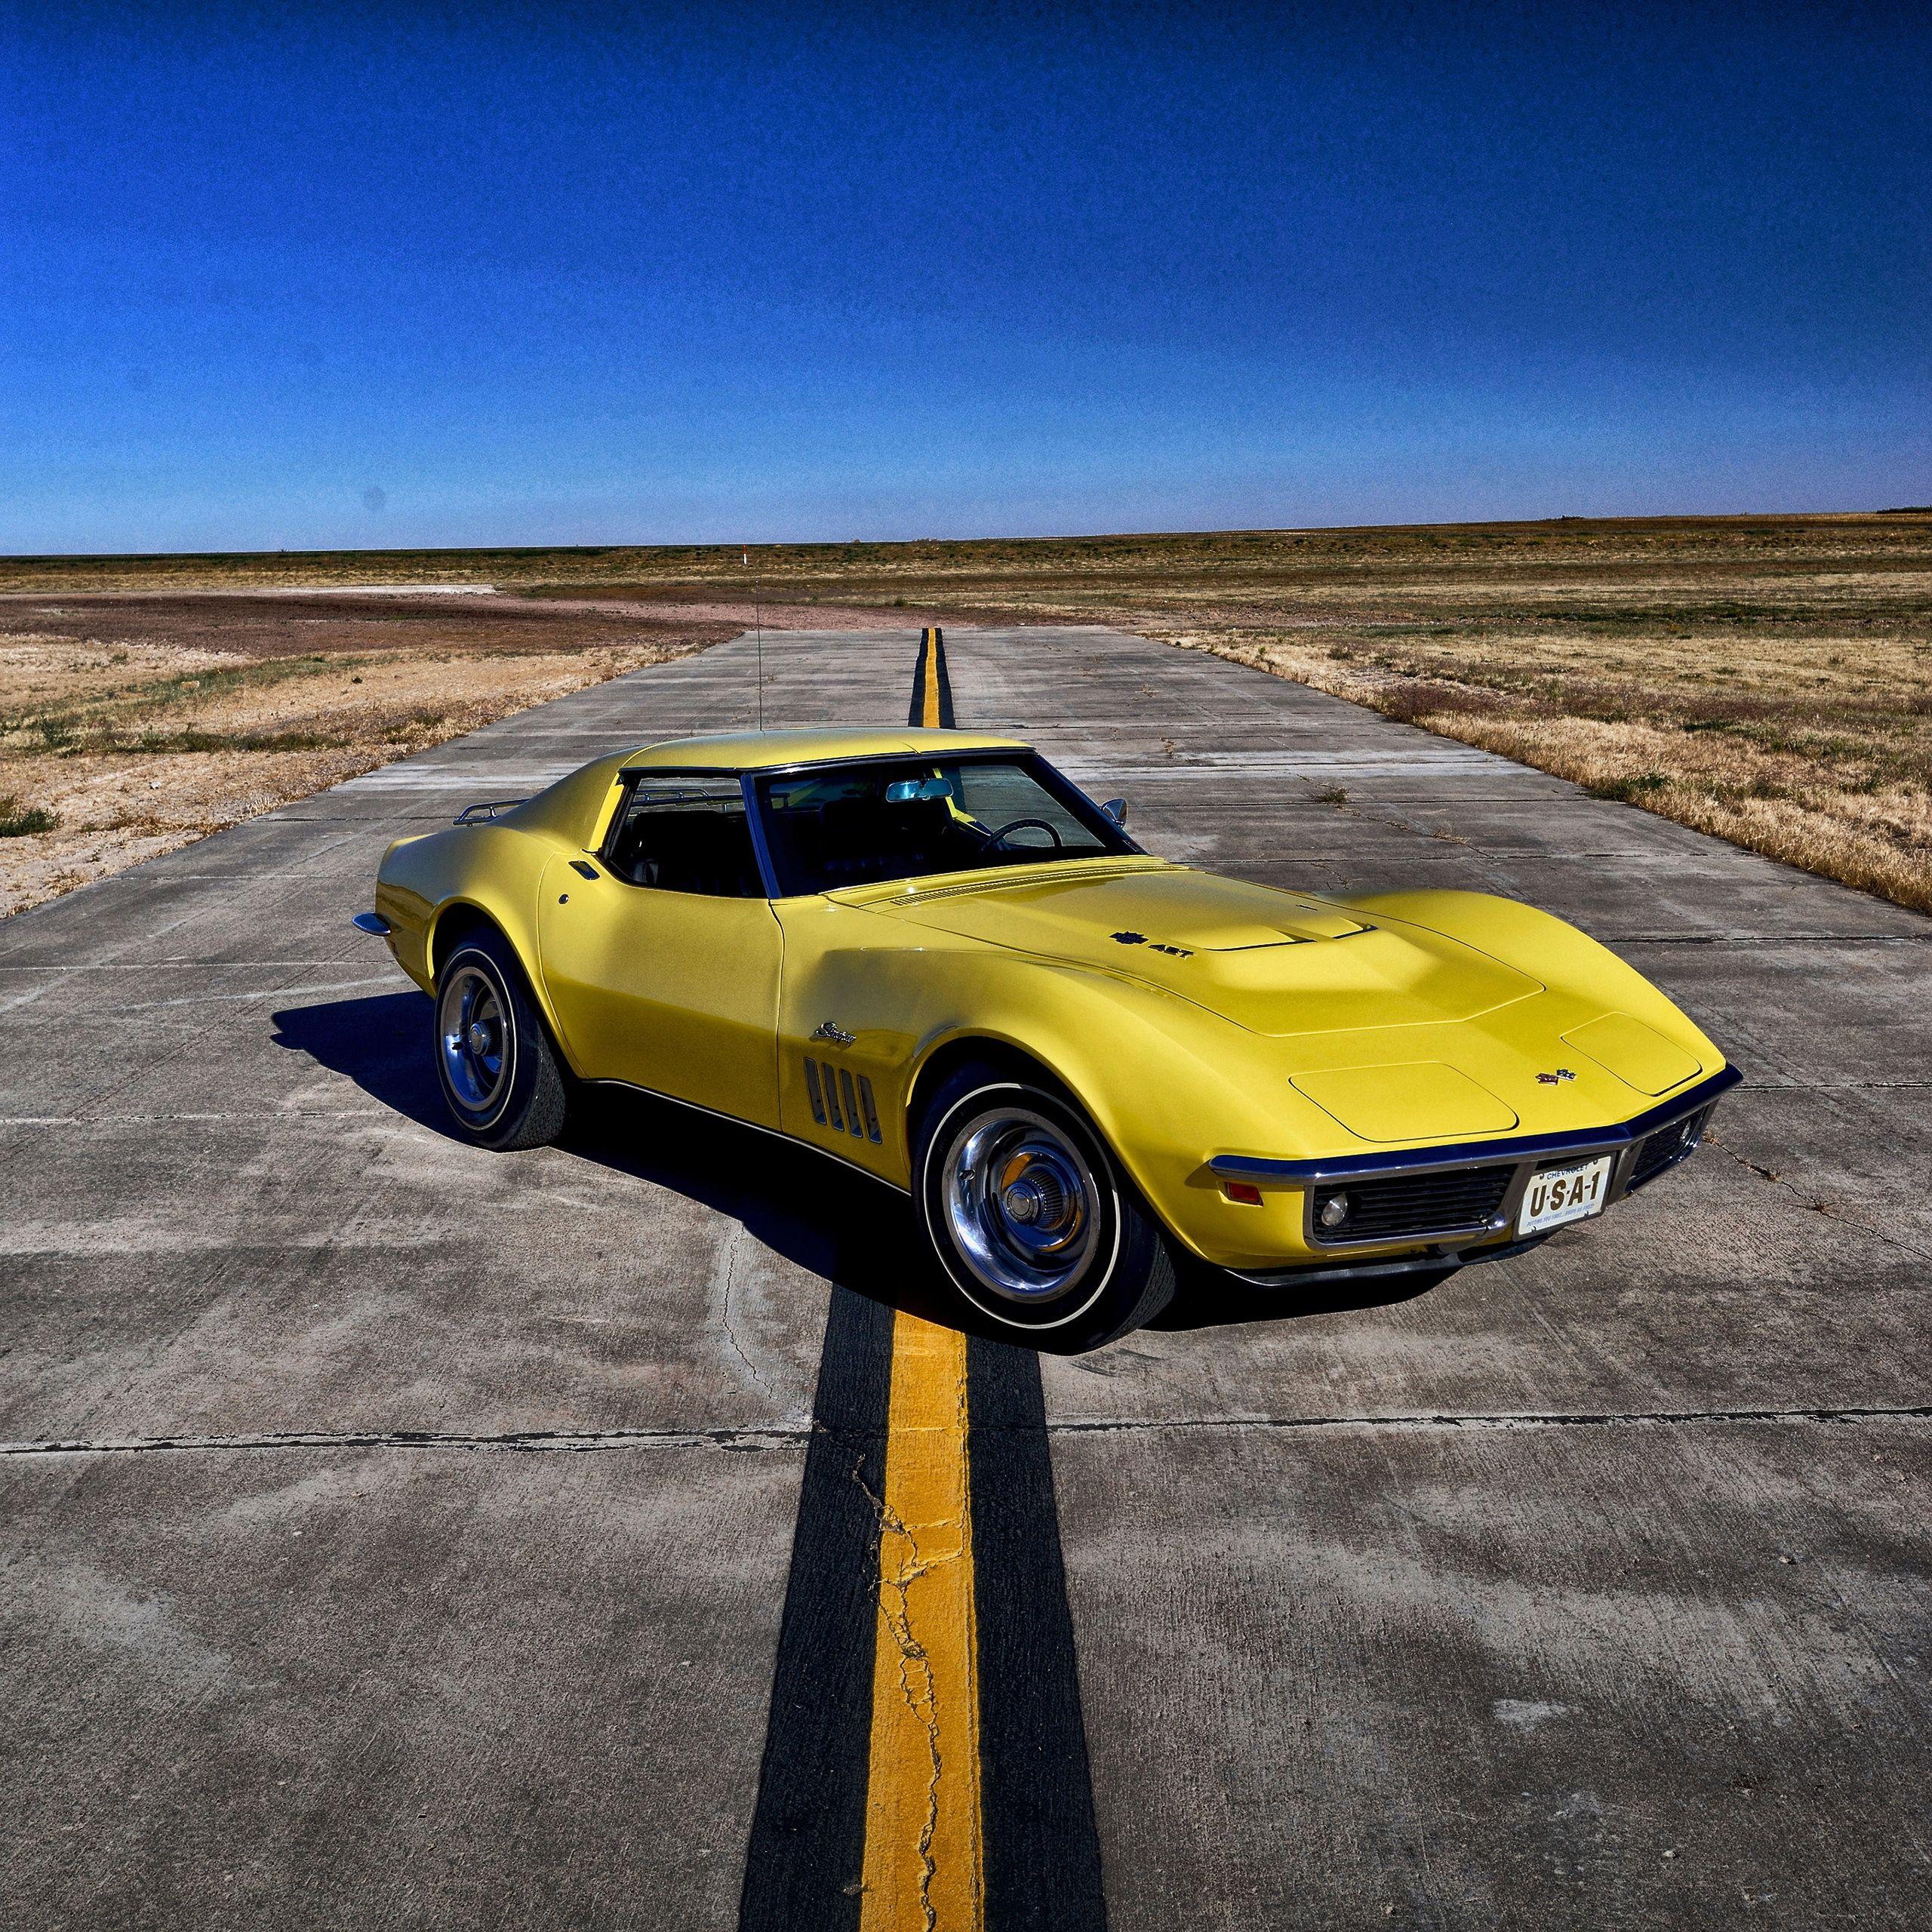 134768 téléchargez gratuitement des fonds d'écran Jaune pour votre téléphone, des images Voitures, Chevrolet, Corvette, 1969 Jaune et des économiseurs d'écran pour votre mobile